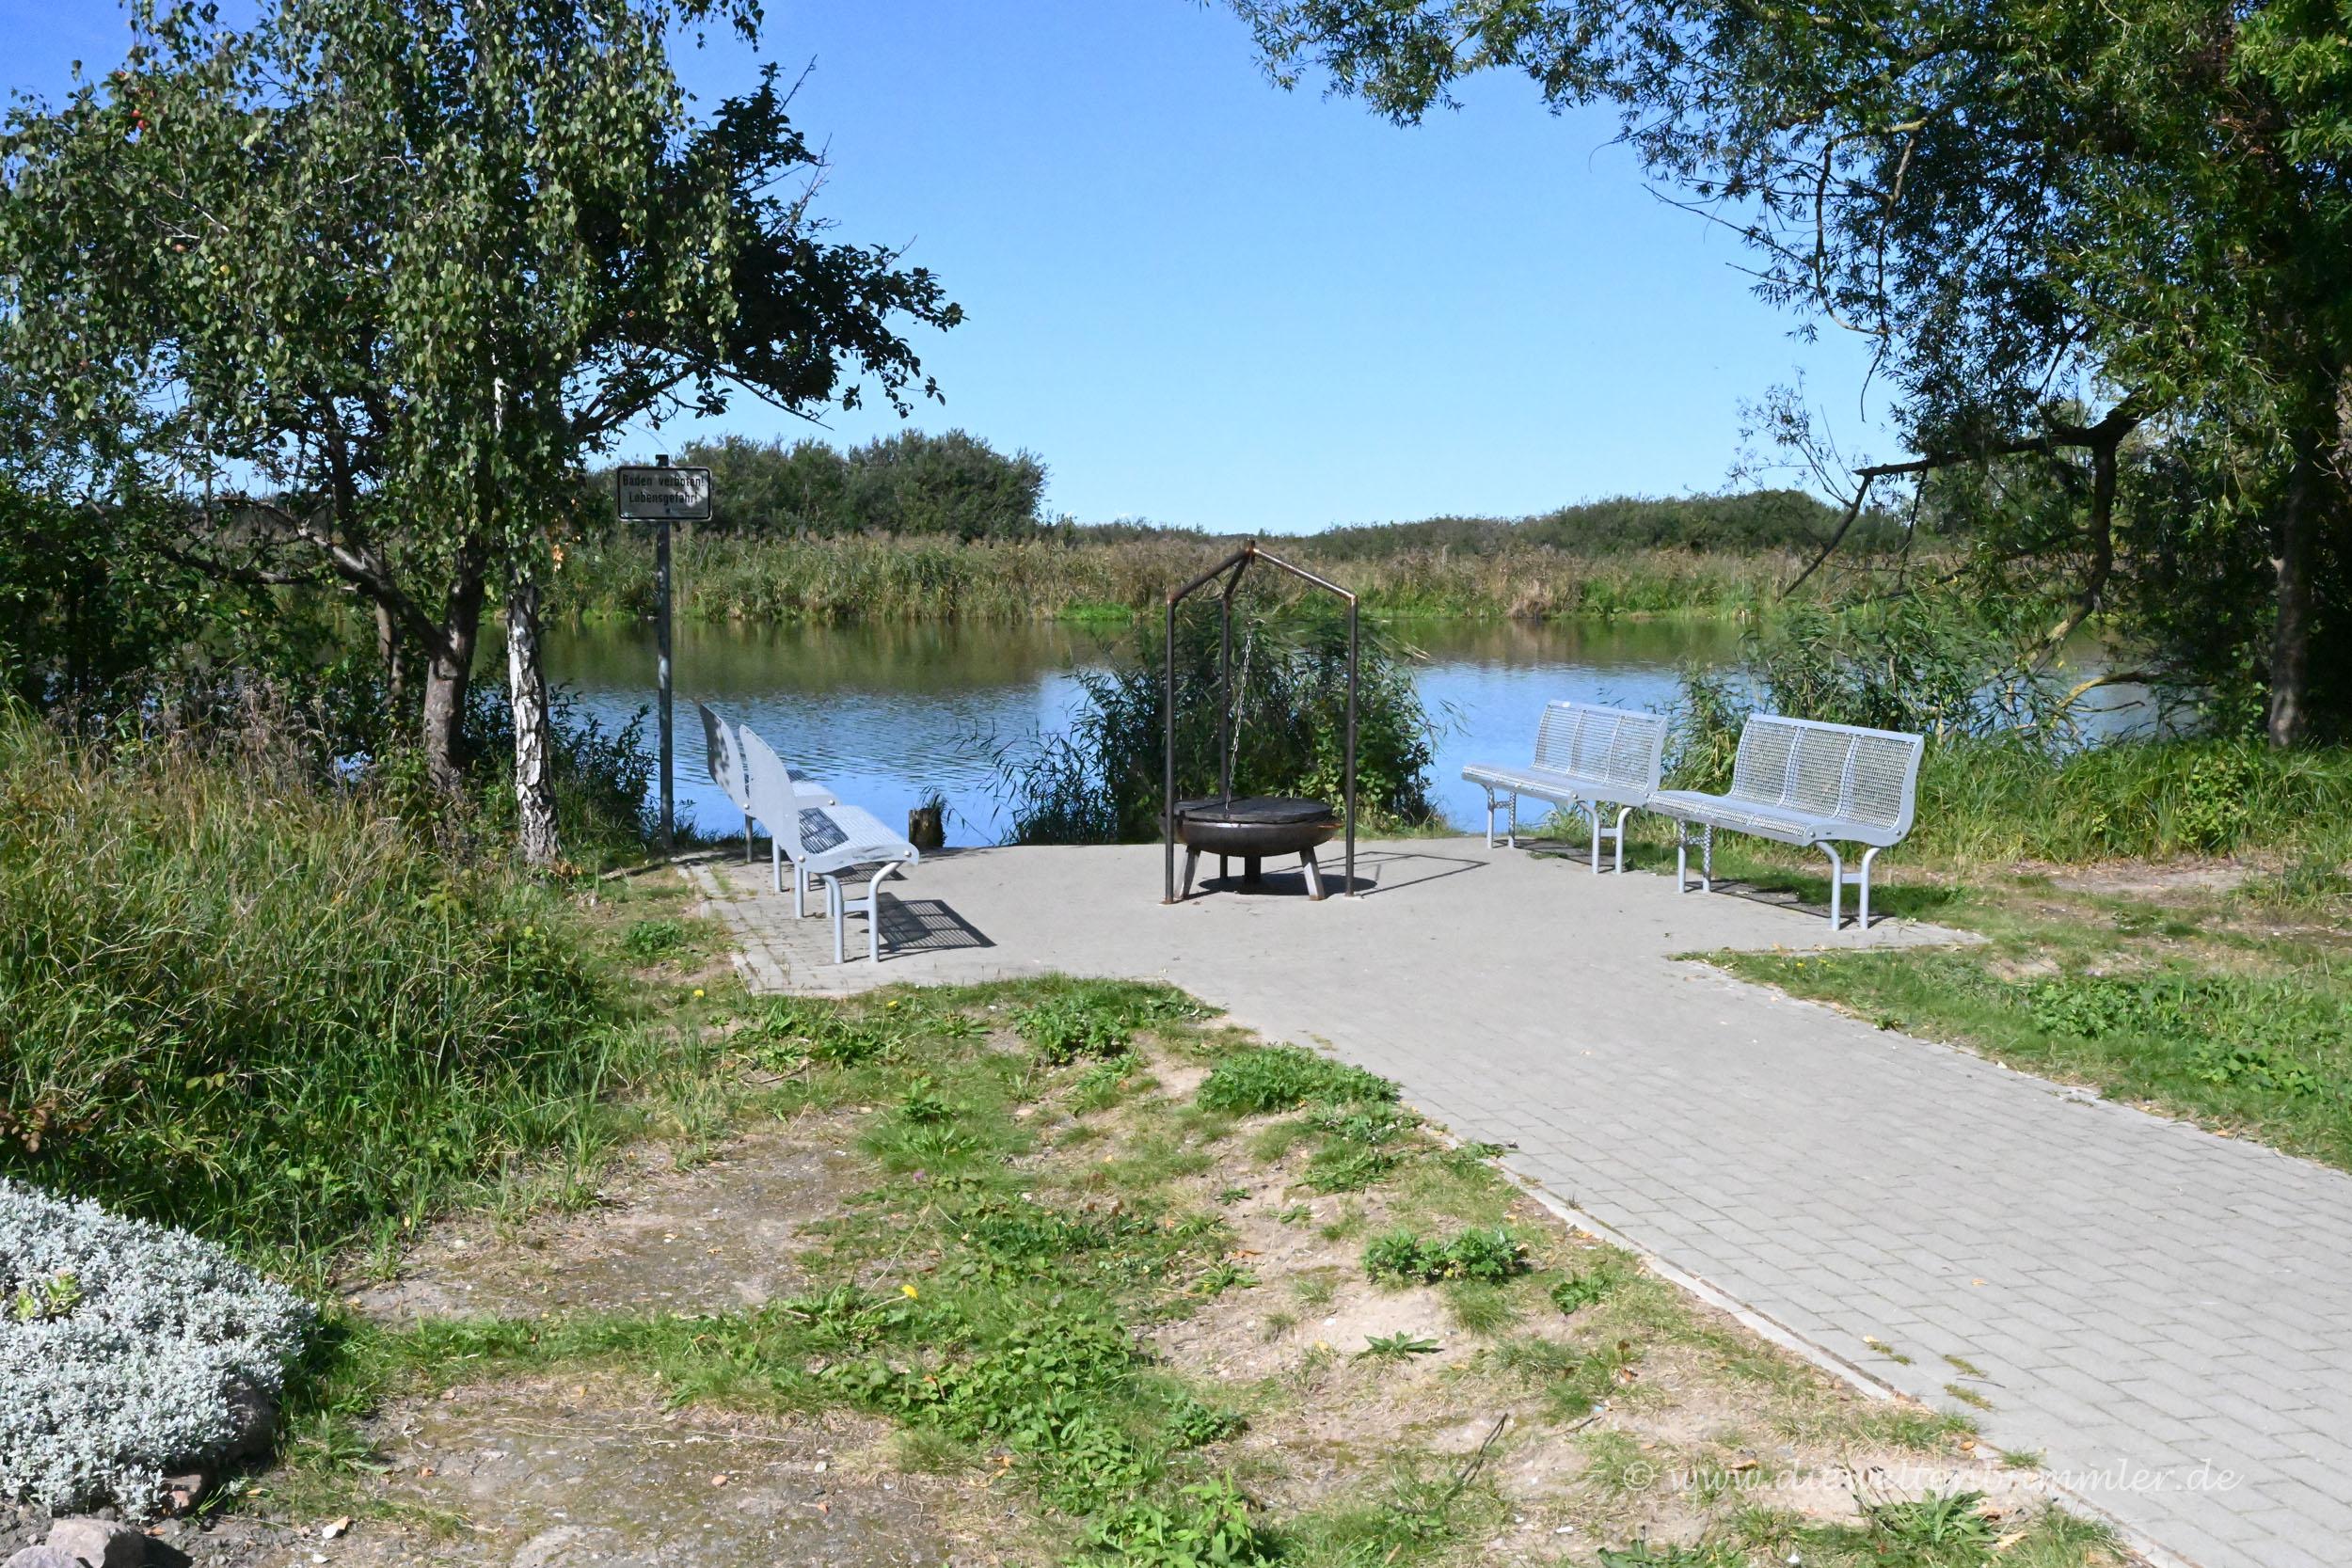 Picknickplatz an der Peene